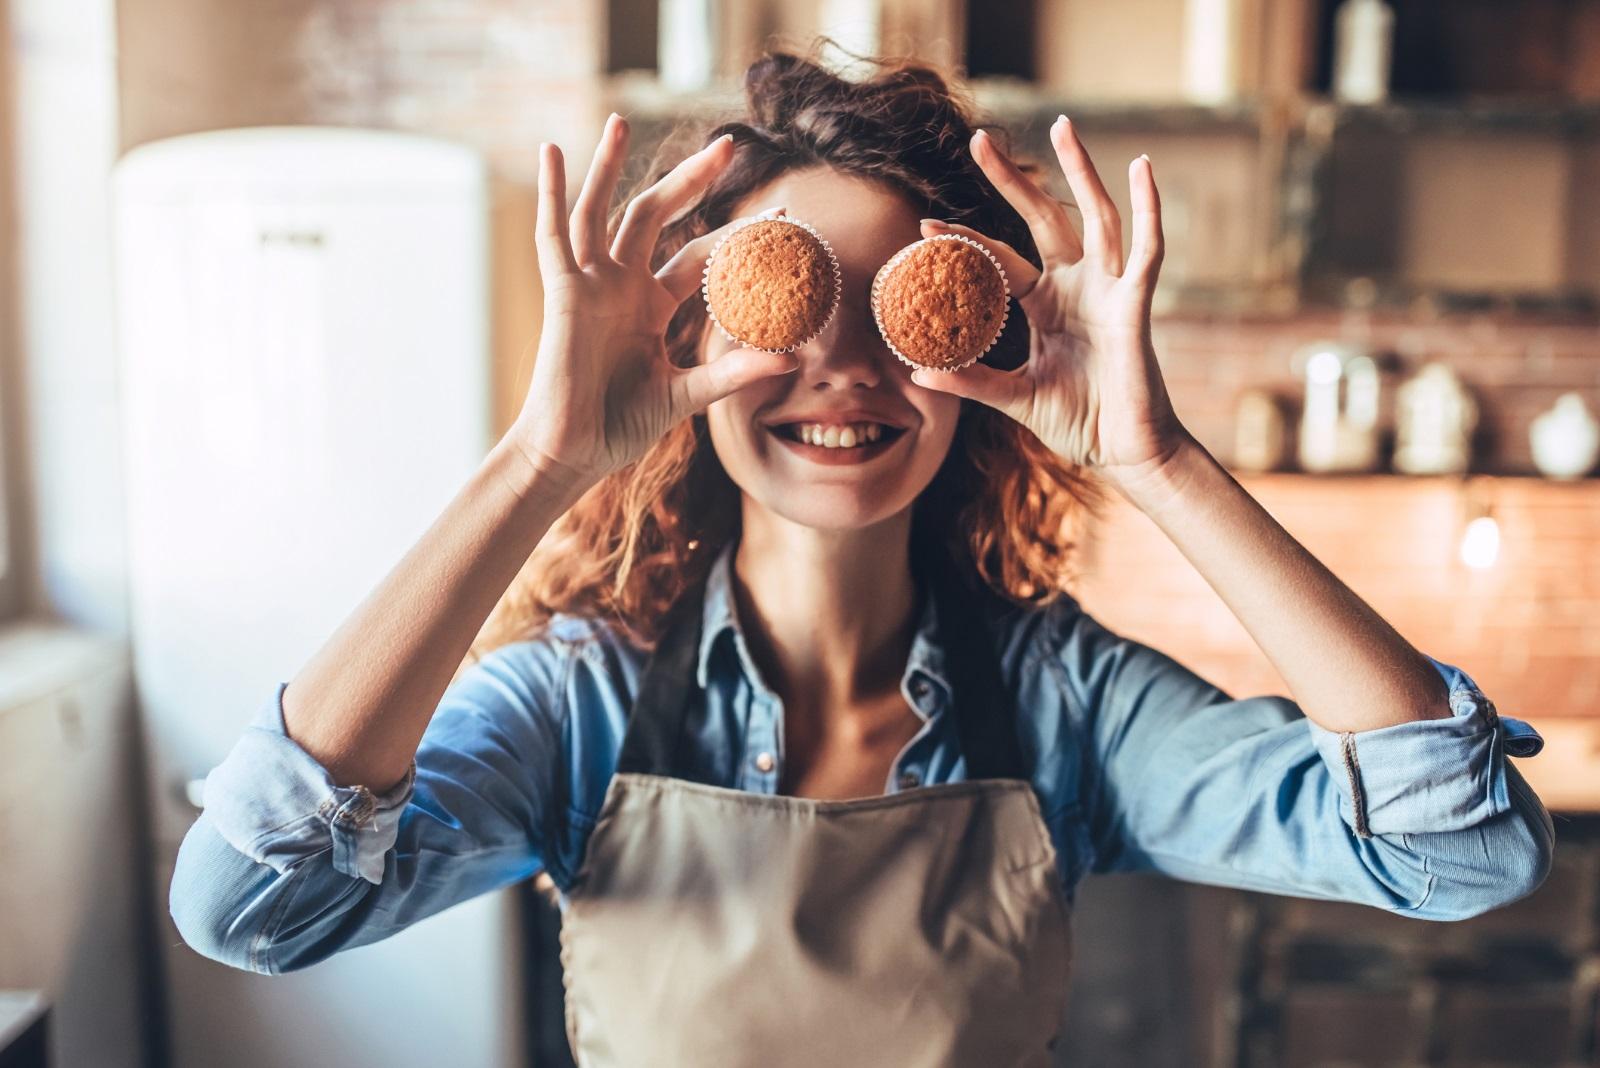 4. Развихрете се в кухнята. През делничните дни рядко остава свободно време за това, но през уикенда, когато времето е лошо, може да се отдадете на кулинарни преживявания и експериемнти в кухнята.